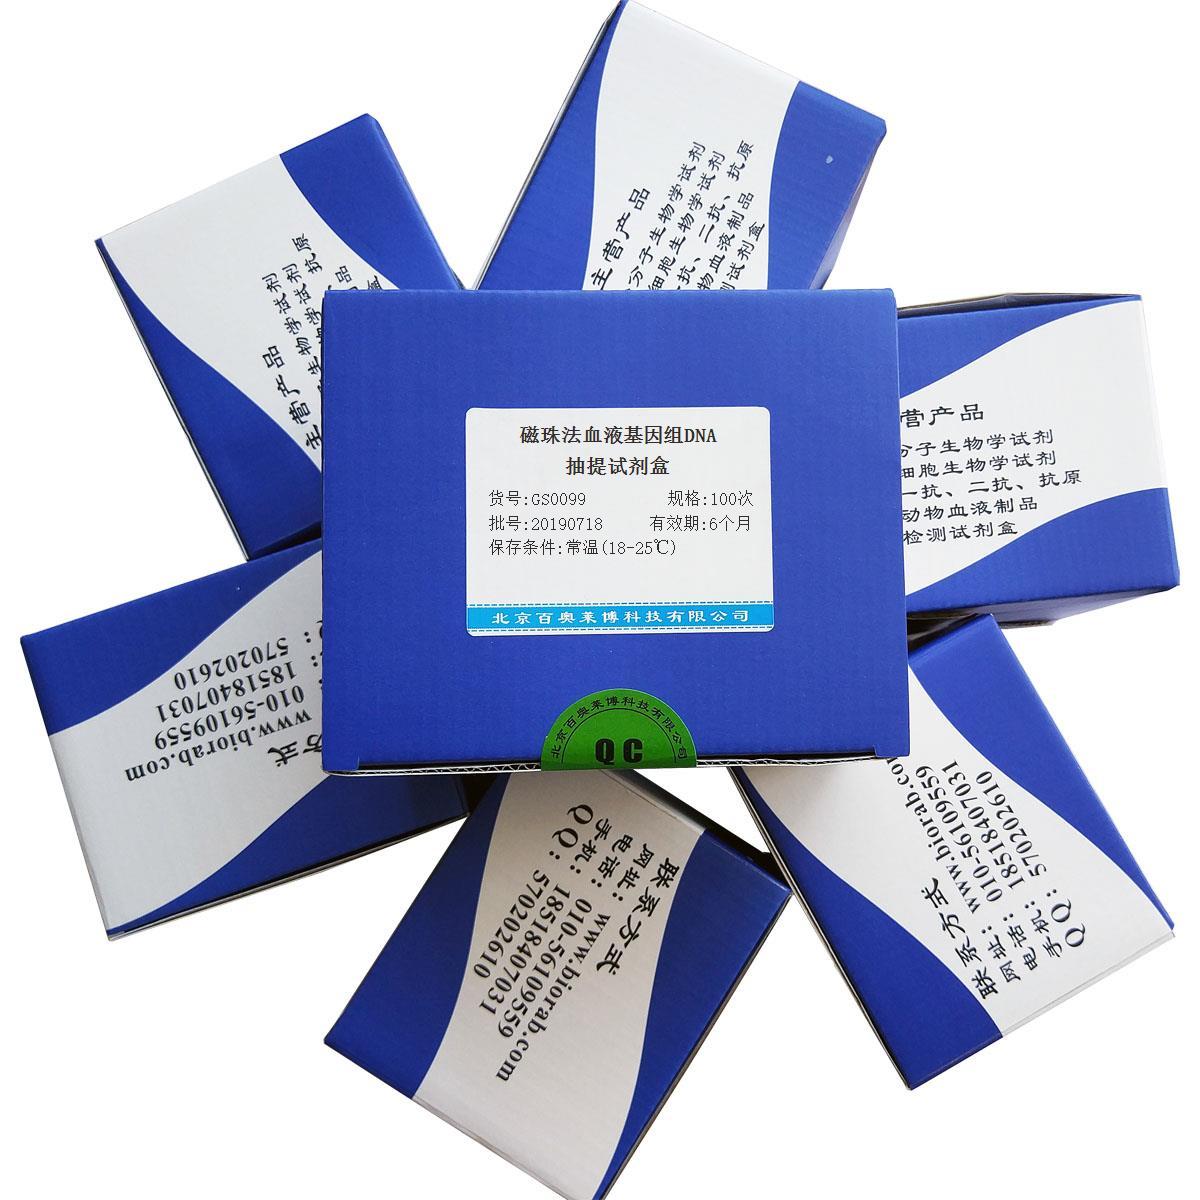 磁珠法血液基因组DNA抽提试剂盒现货供应